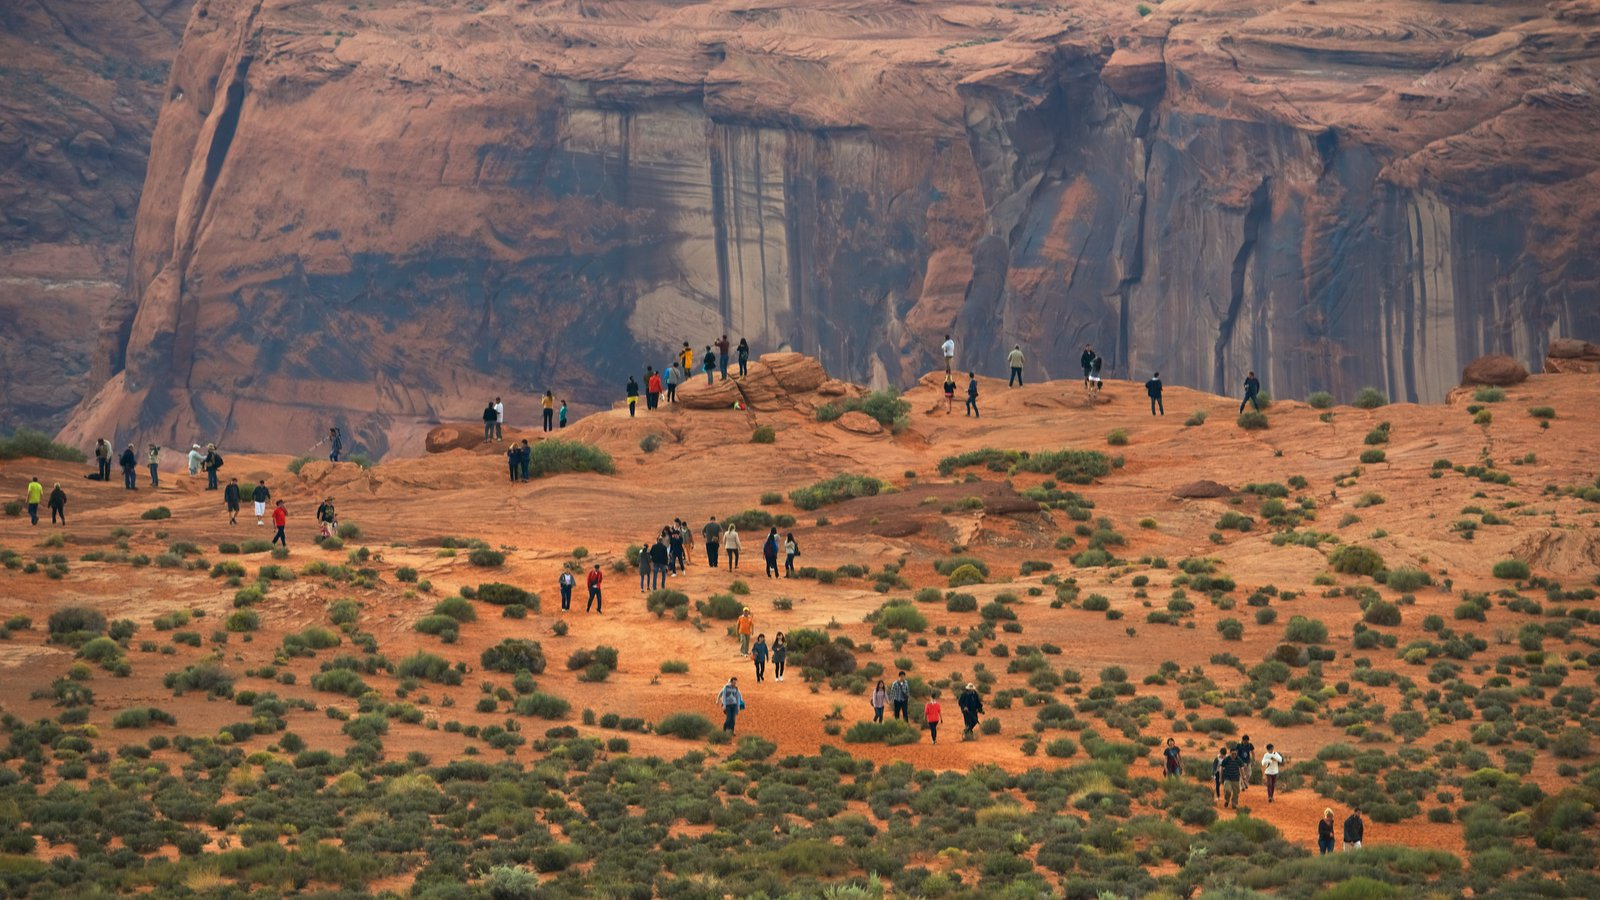 Horseshoe Bend mostrando cenas tranquilas, paisagens do deserto e um desfiladeiro ou canyon